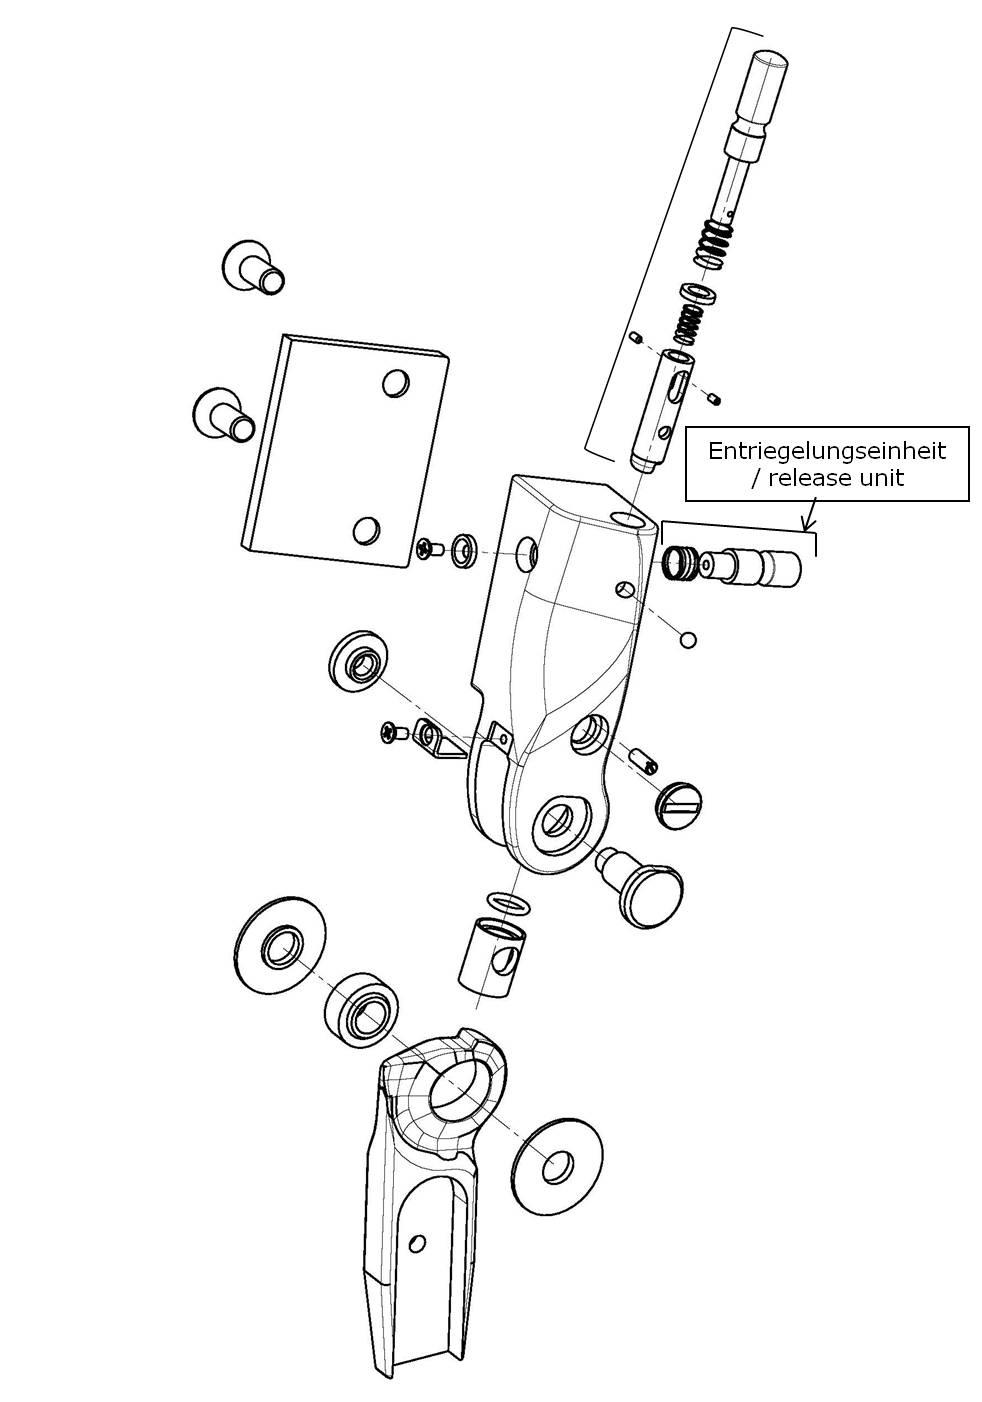 Entriegelungseinheit für das Salera preselect 3-D Hüftgelenk